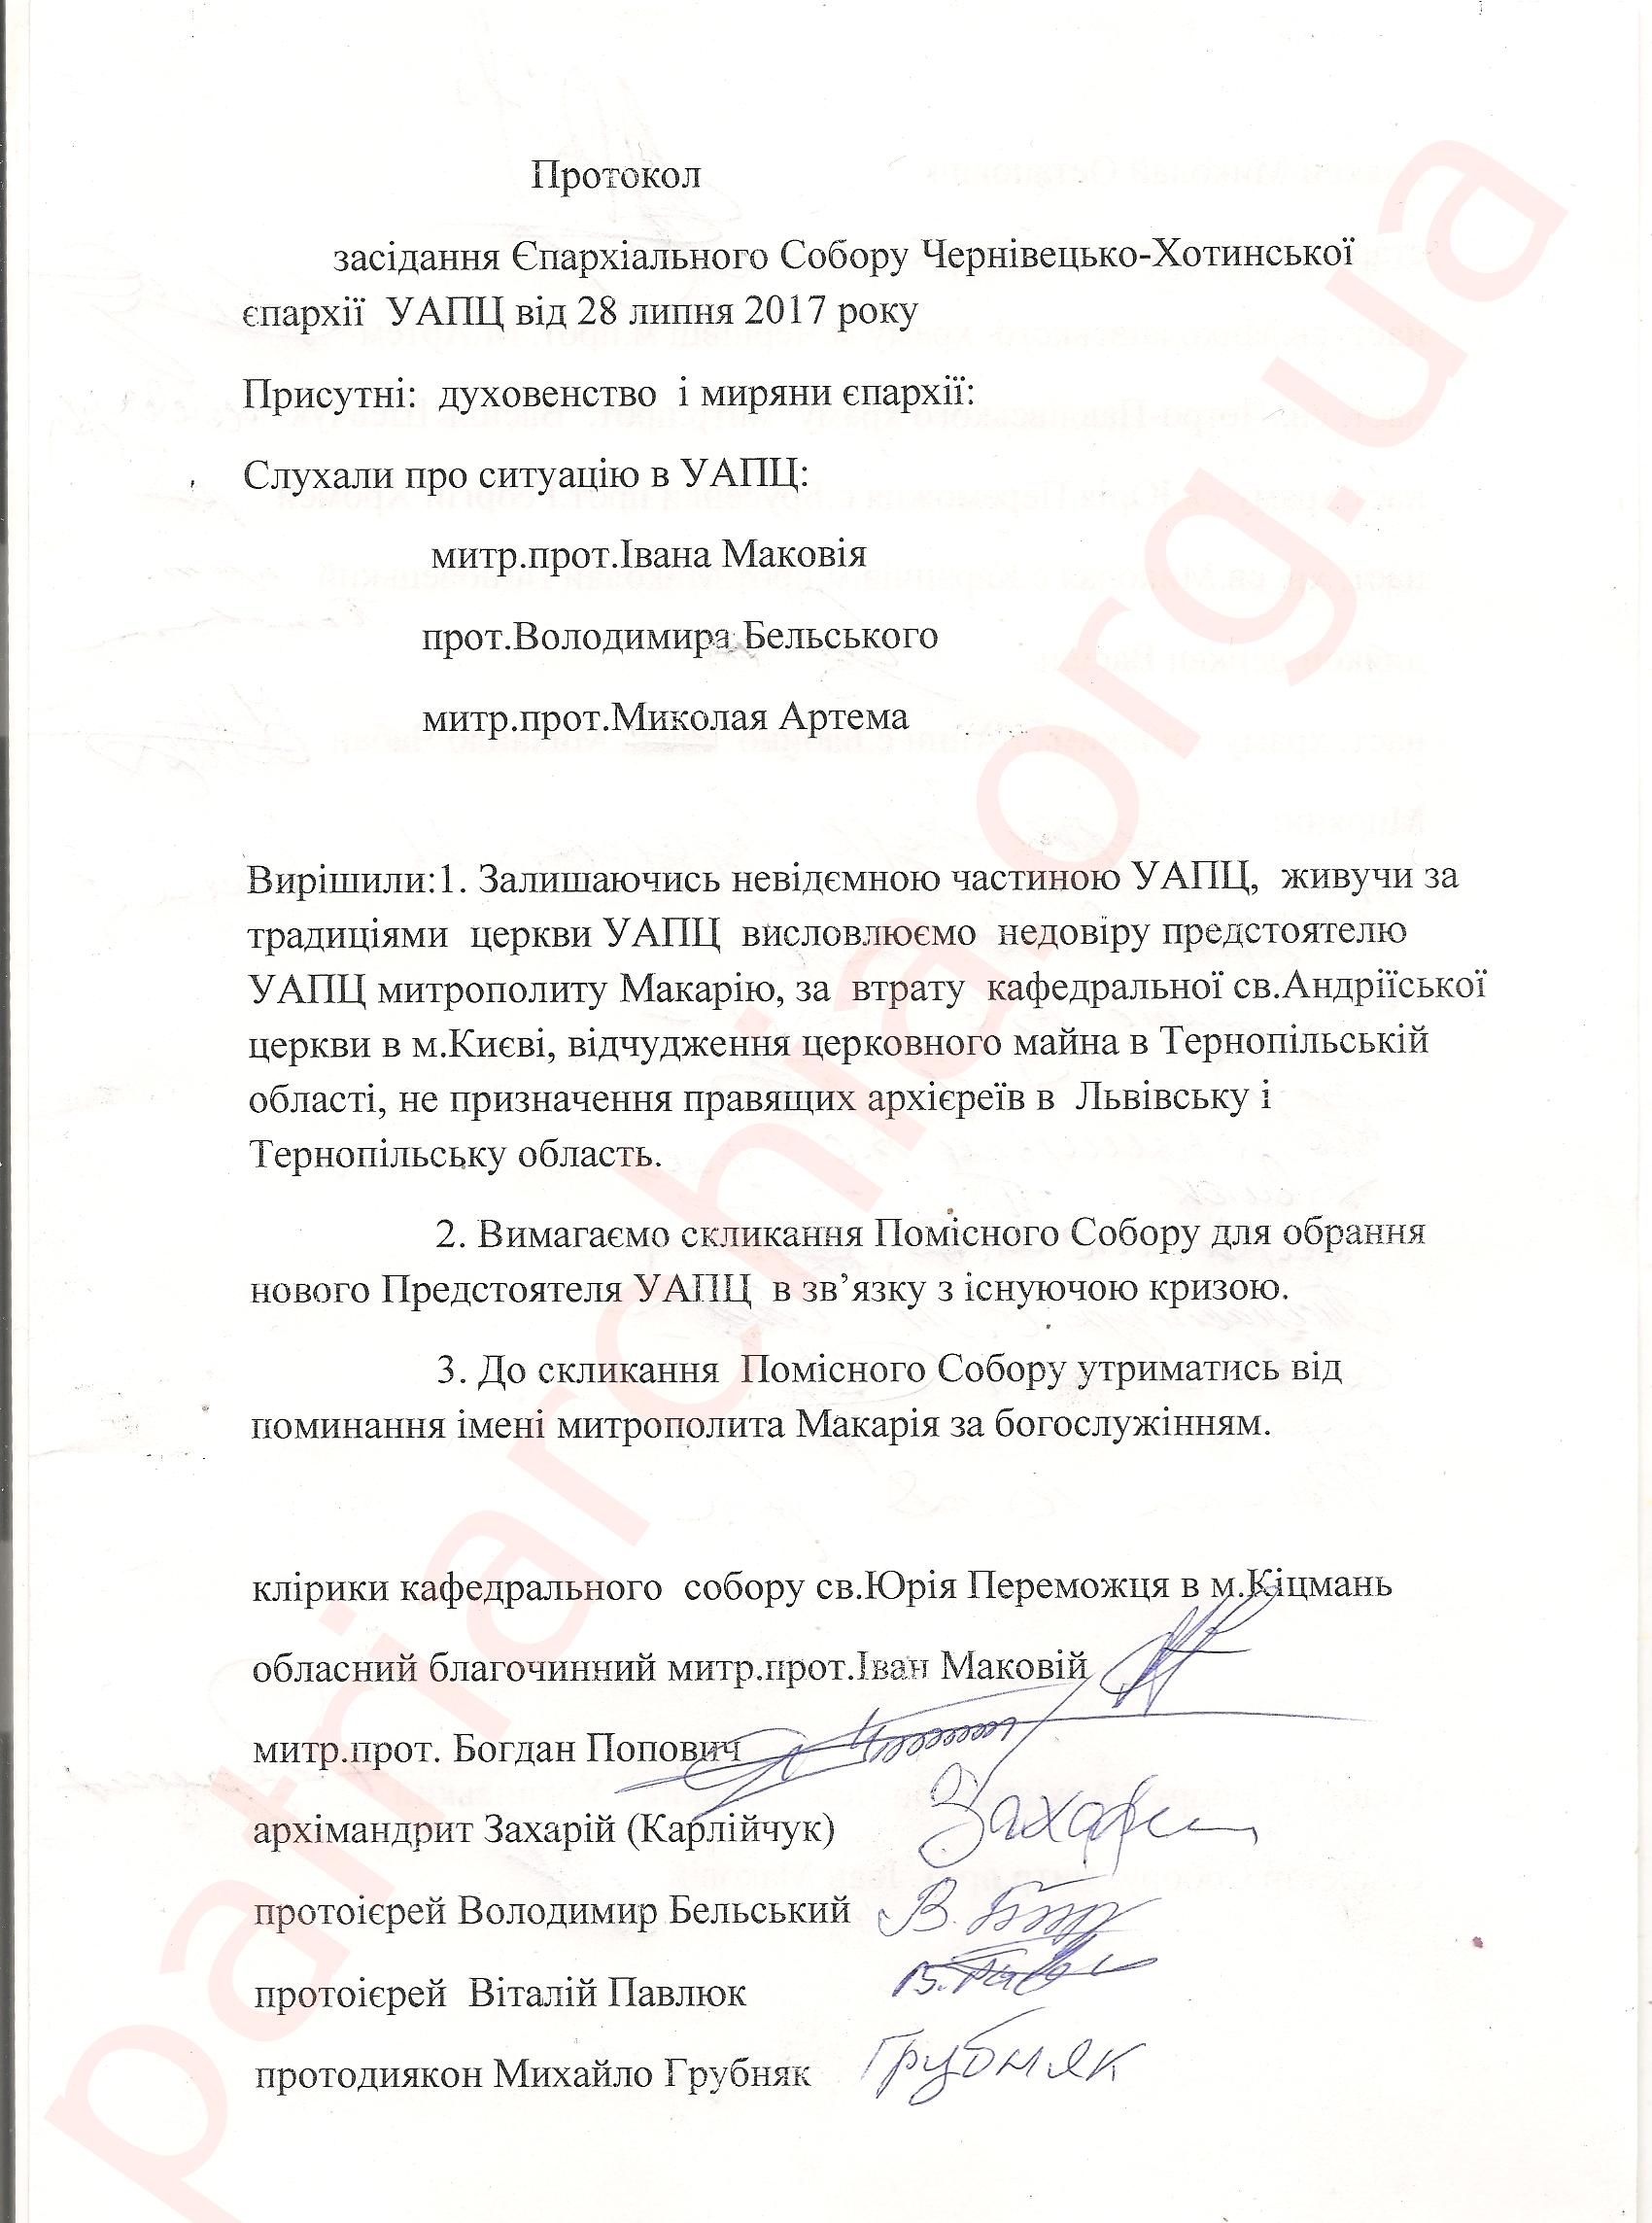 В УАПЦ нова криза: Буковинська єпархія припинила поминання предстоятеля